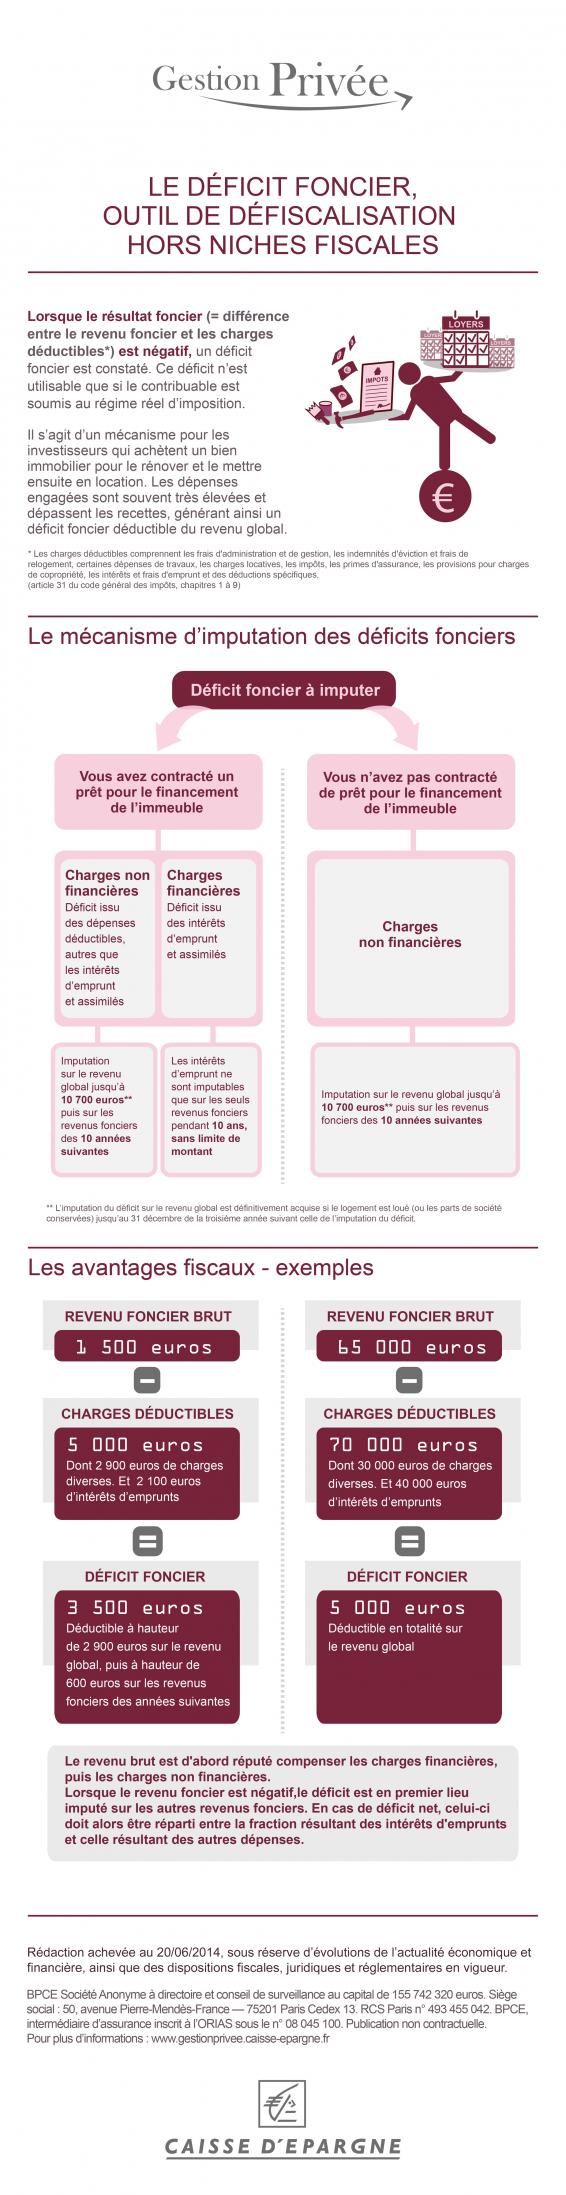 deficit foncier infographie desfiscalisation